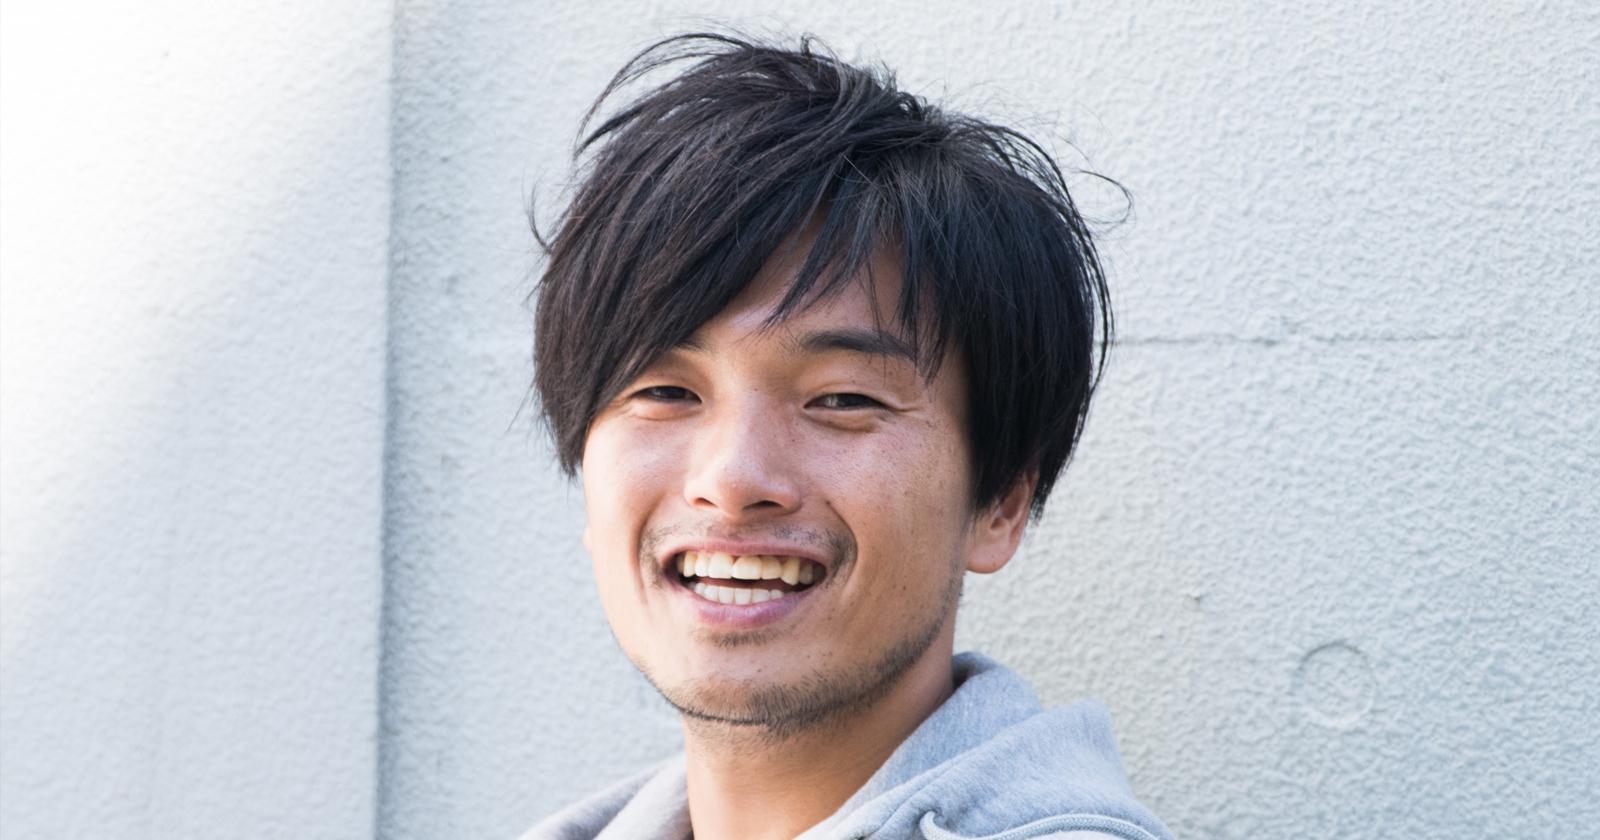 アソビュー株式会社 山野智久代表取締役よりfor Startups, Inc.へ応援コメントを頂戴しました